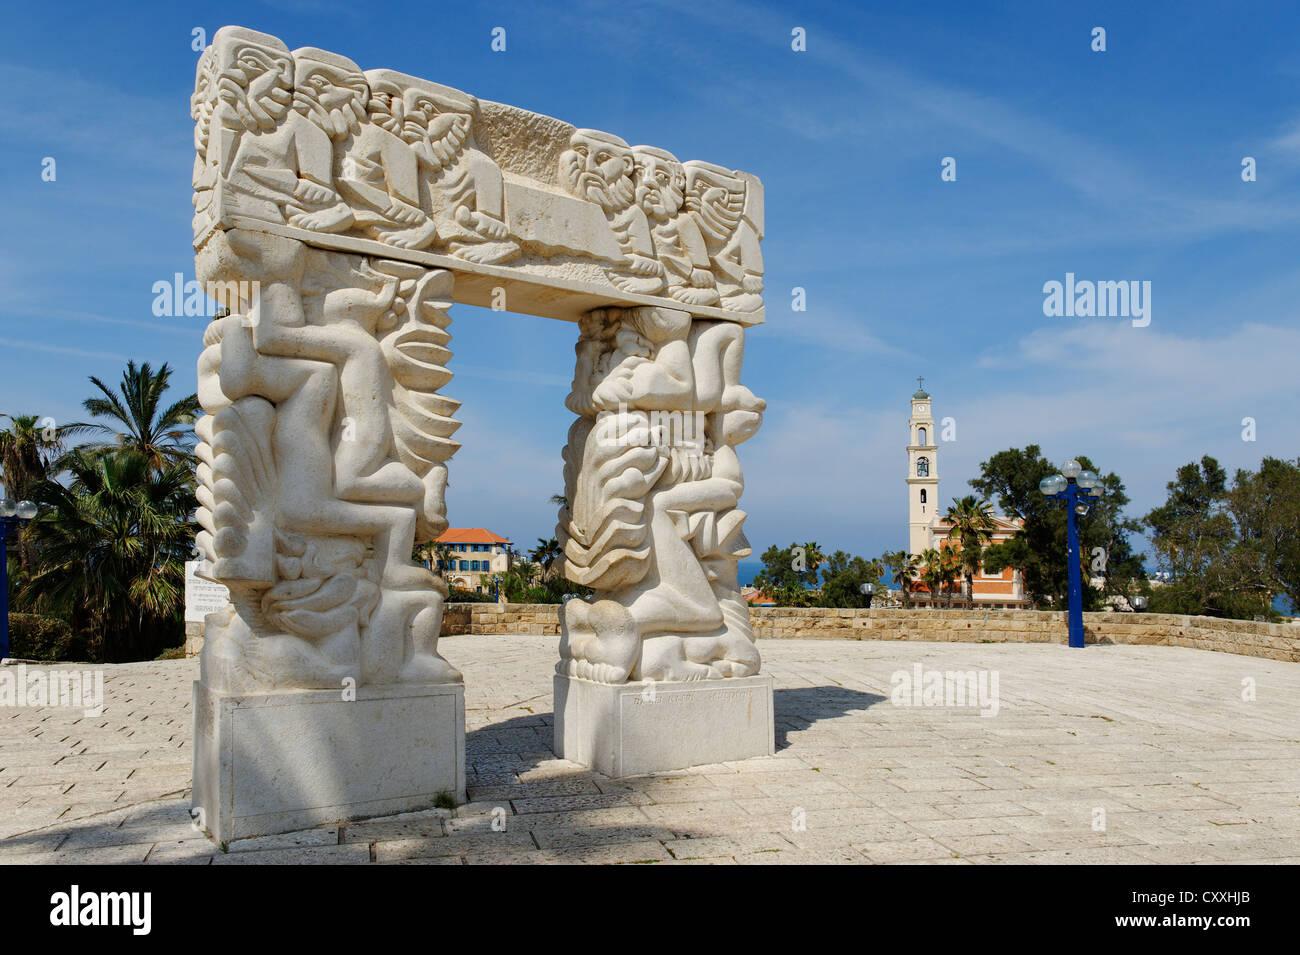 La estatua de la fe con la Iglesia de San Pedro en Jaffa, Tel Aviv, Israel, Oriente Medio Imagen De Stock